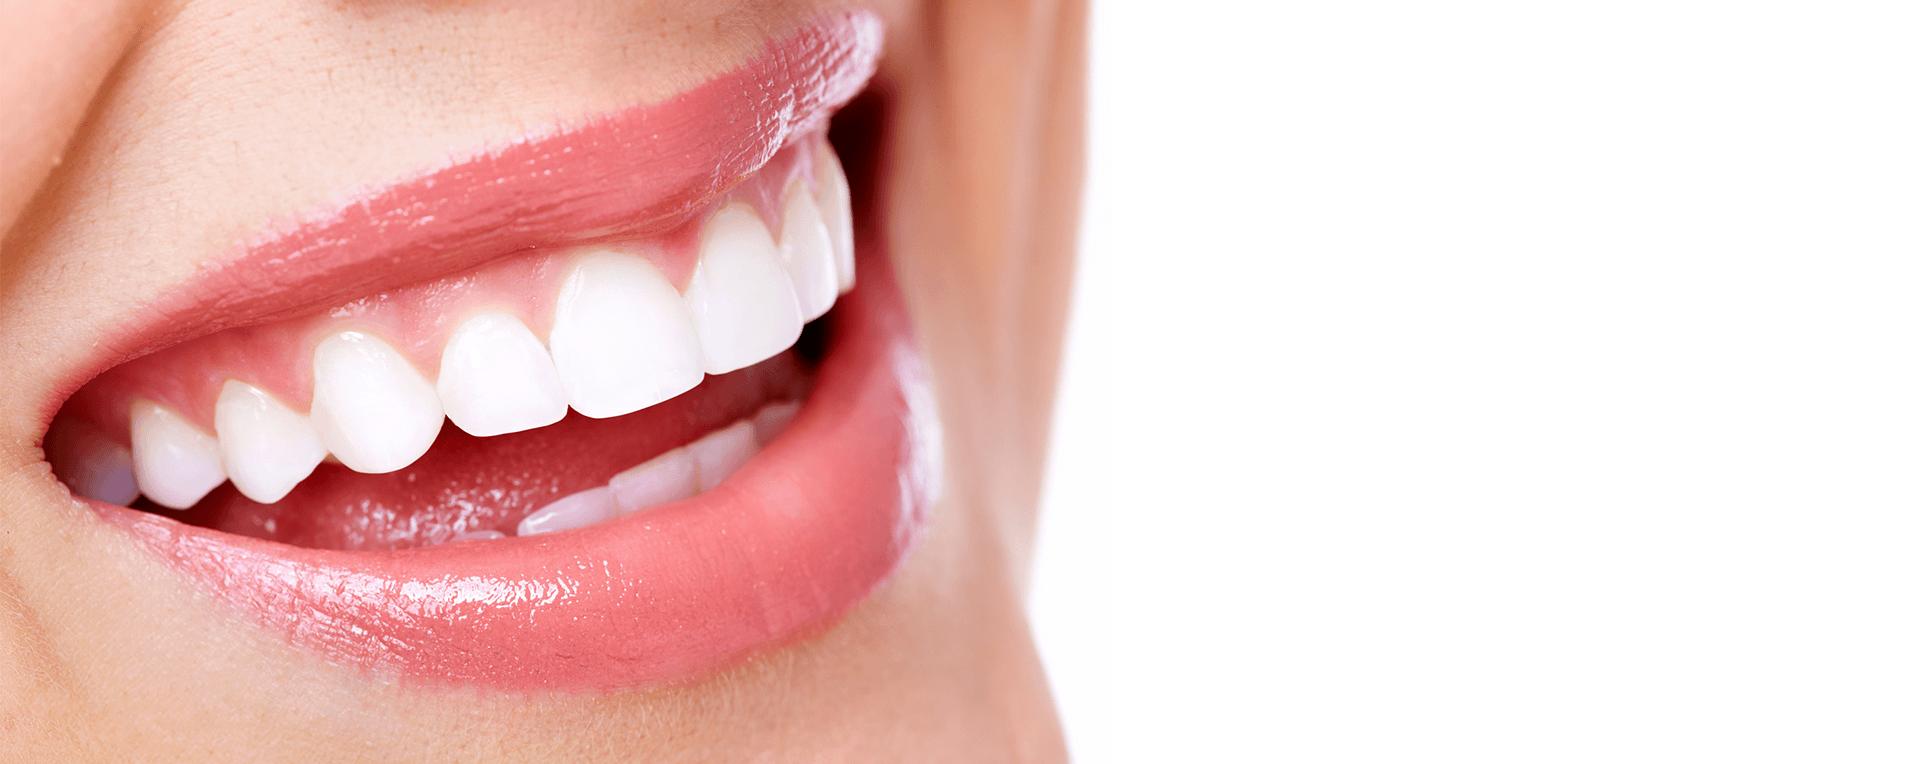 Teeth HD PNG-PlusPNG pluspng pluspng.com-1920 - Teeth HD PNG - PNG - Teeth Smile PNG HD